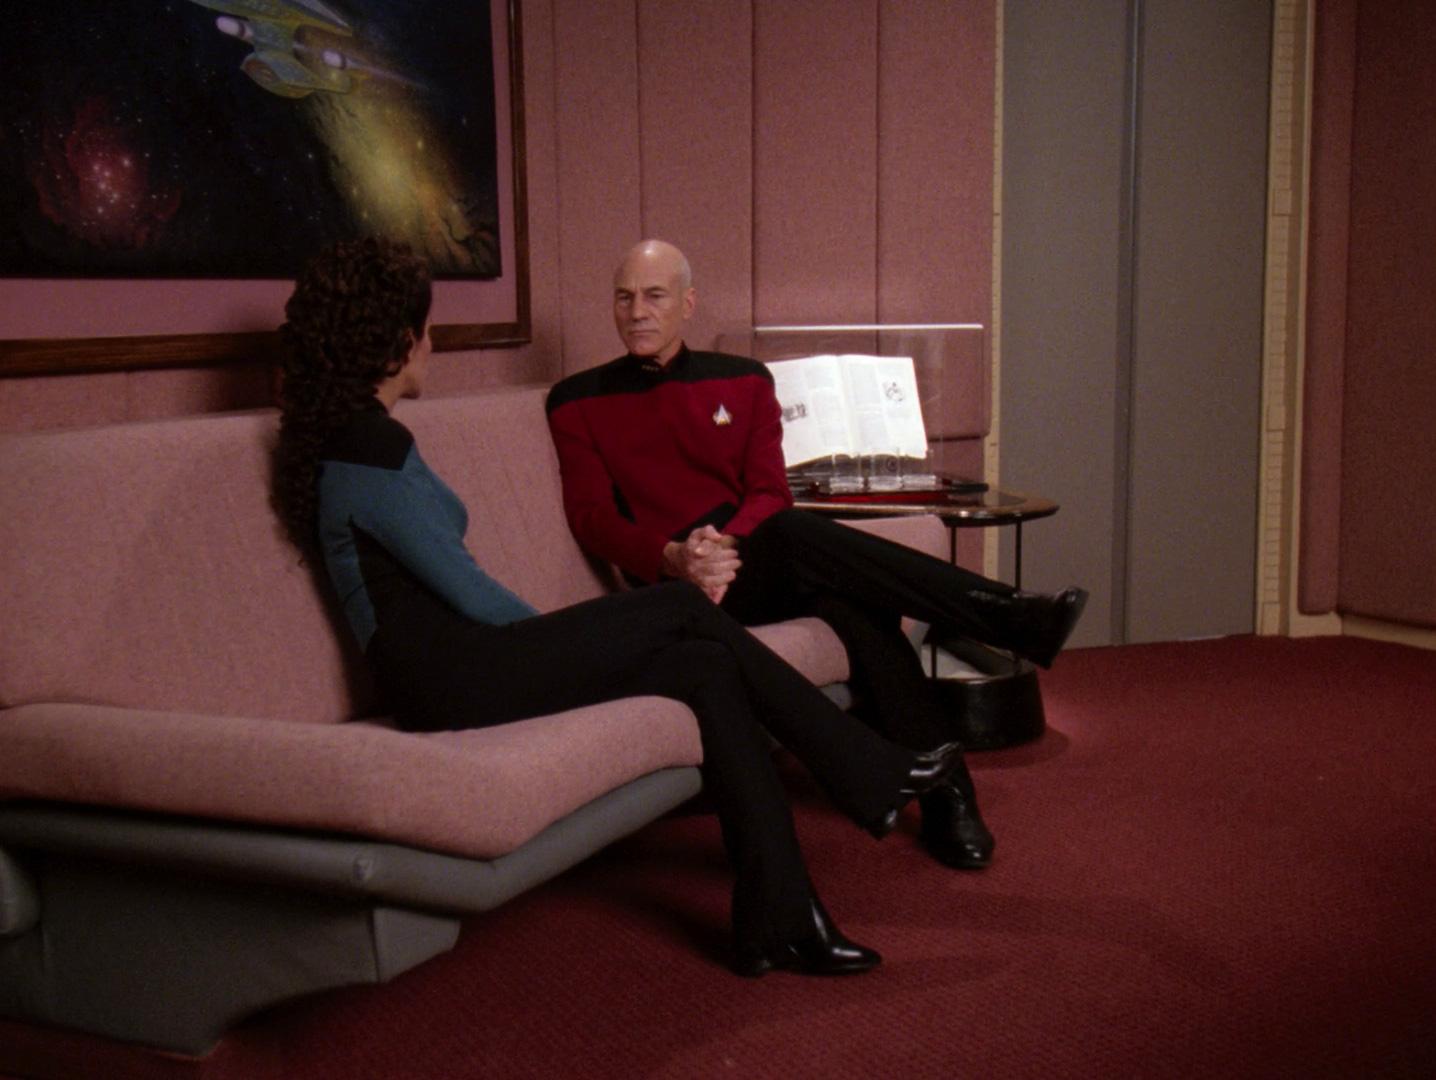 Bereitschaftsraum Enterprise-D Sofa.jpg